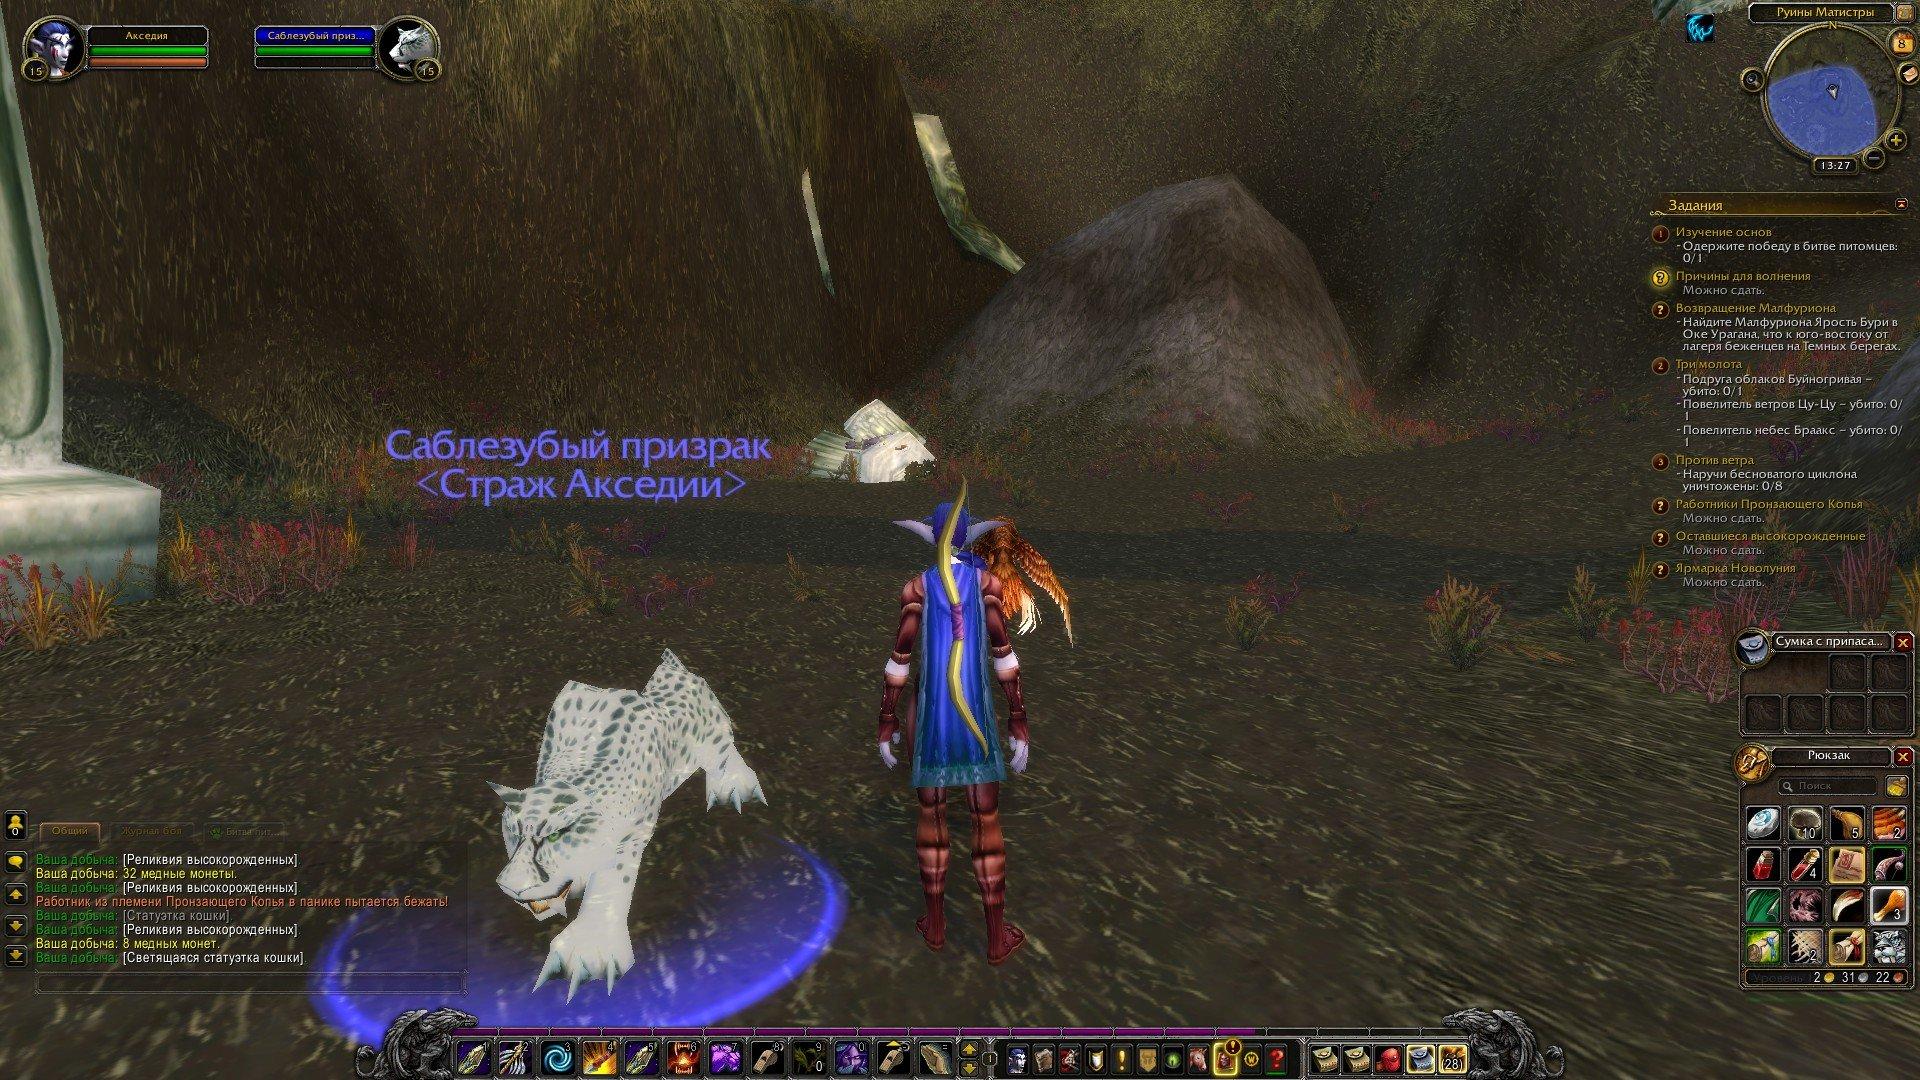 Путешествие по World of Warcraft ... Ночной Эльф. Глава 2. - Изображение 2